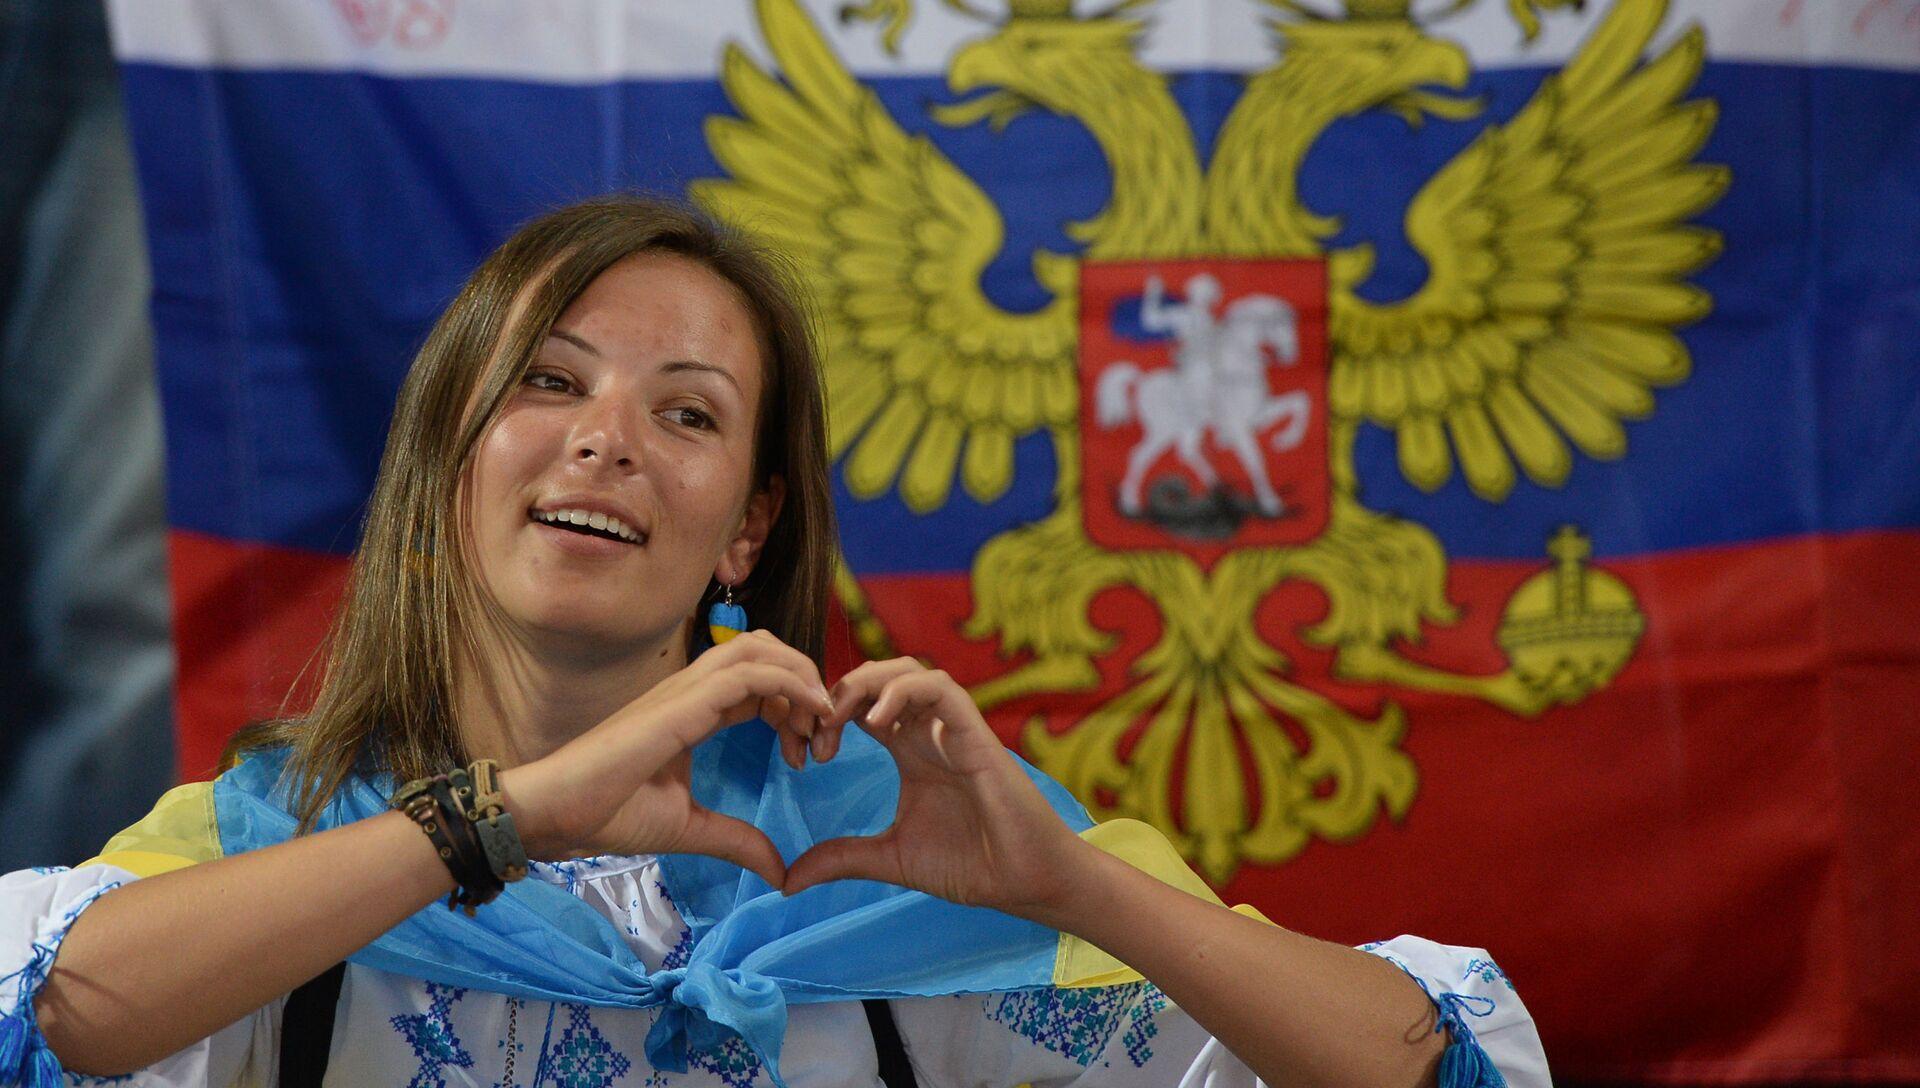 Девушка с флагом Украины на фоне флага России - РИА Новости, 1920, 09.12.2019